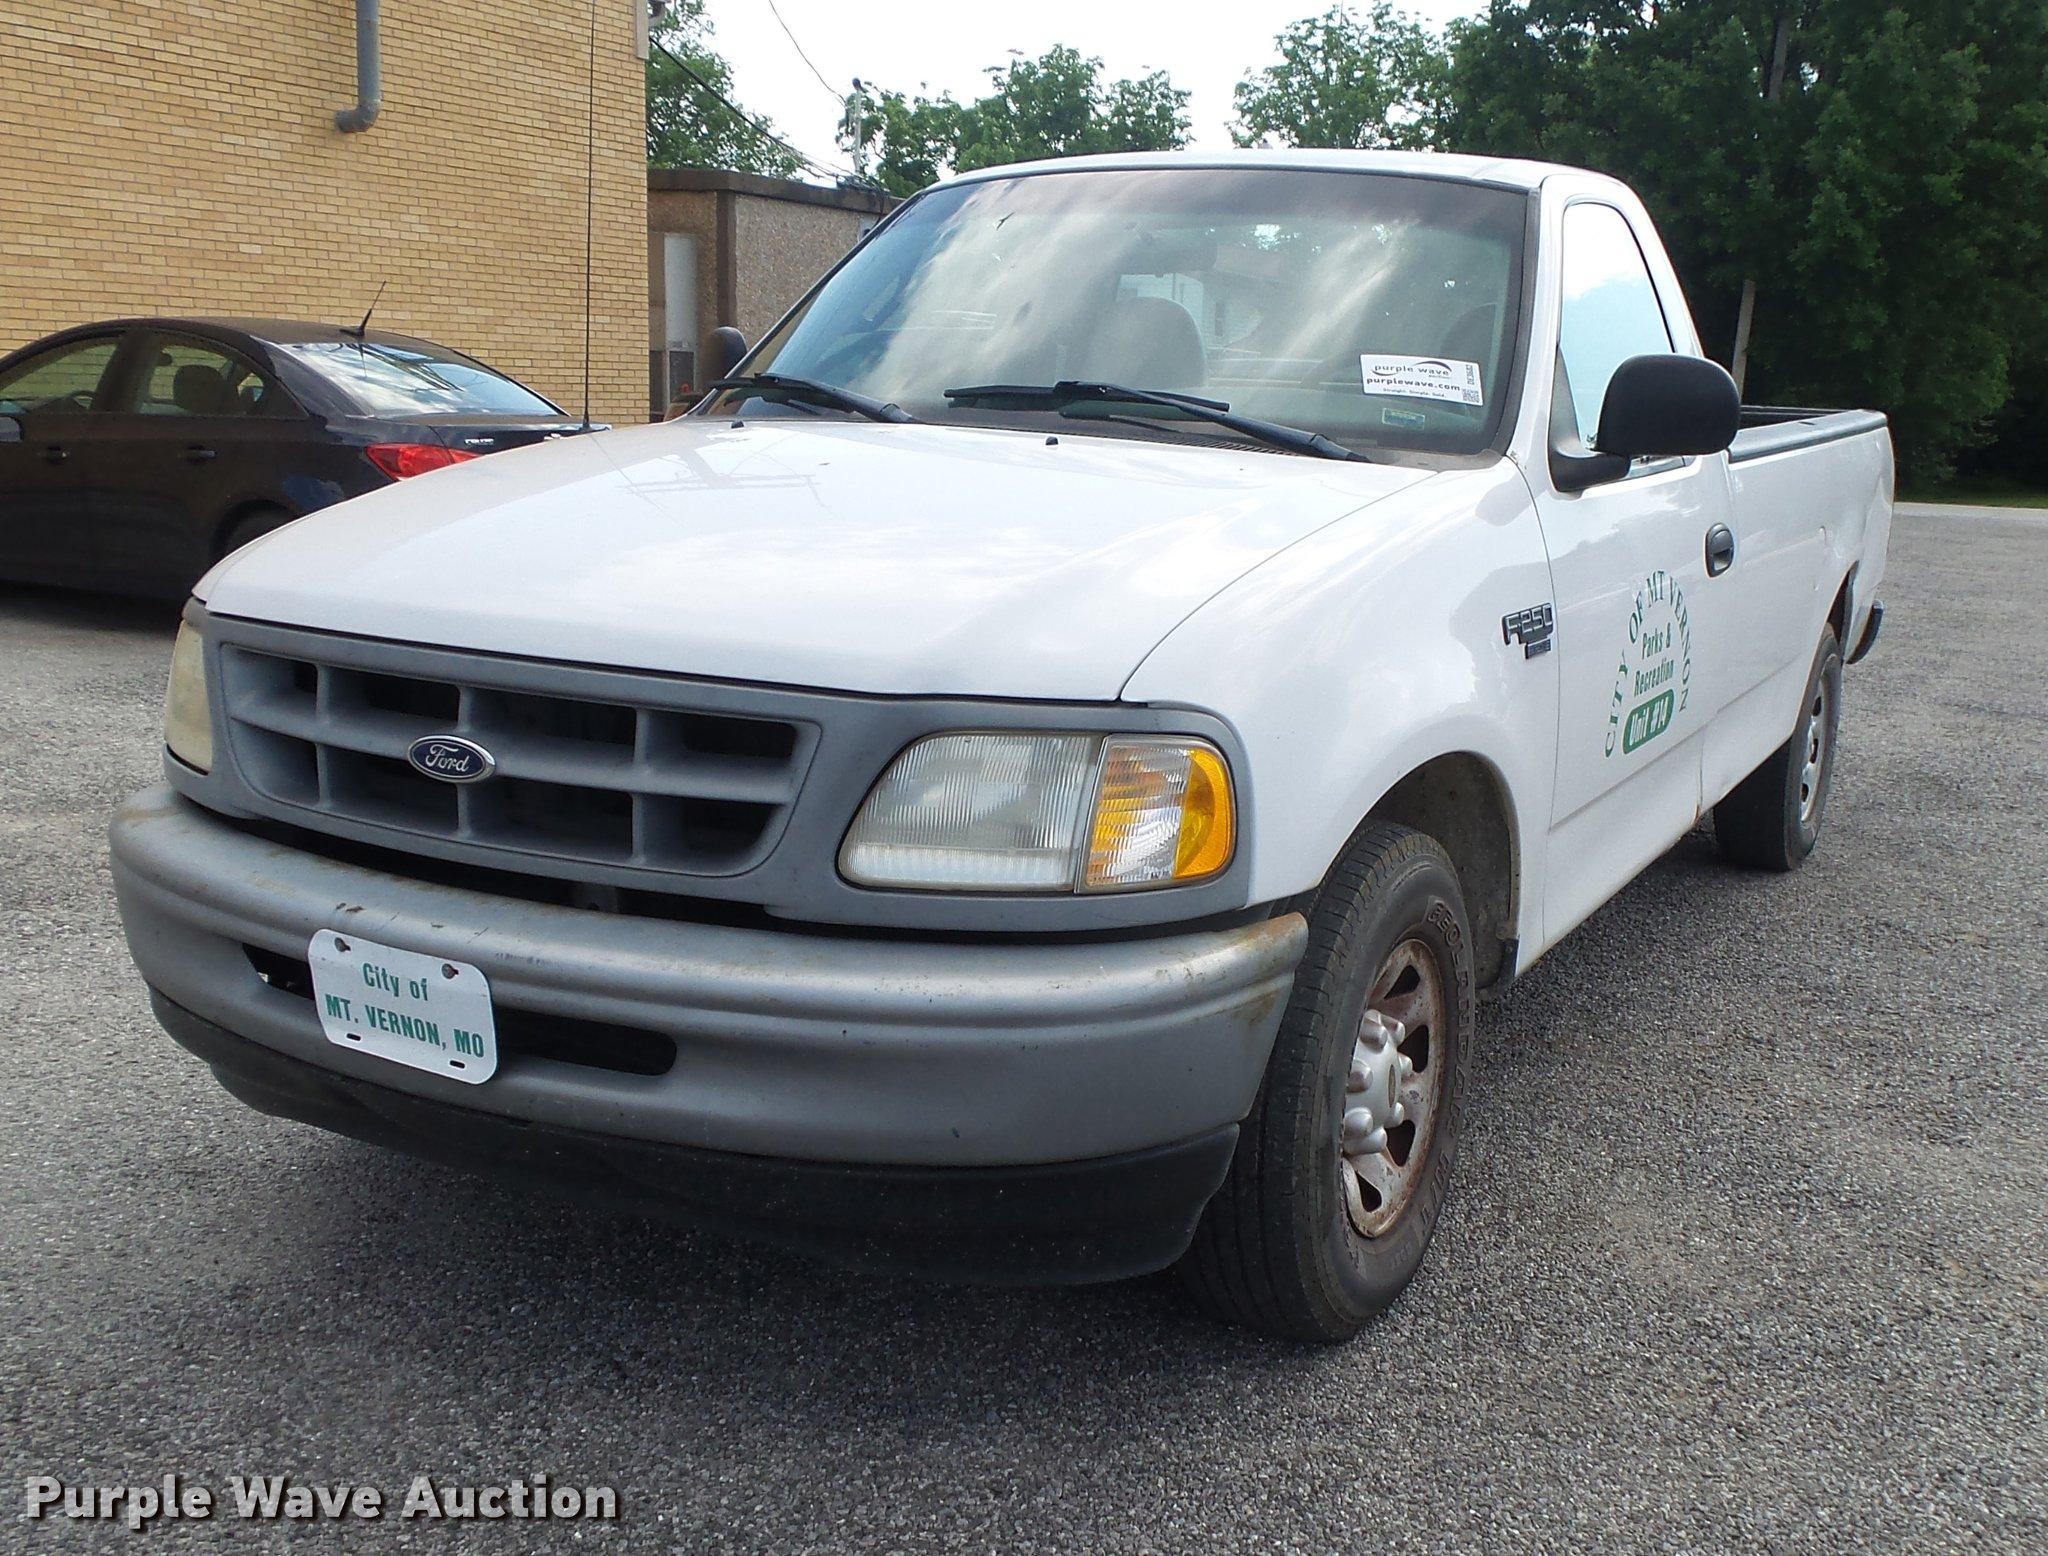 De3682 image for item de3682 1998 ford f250